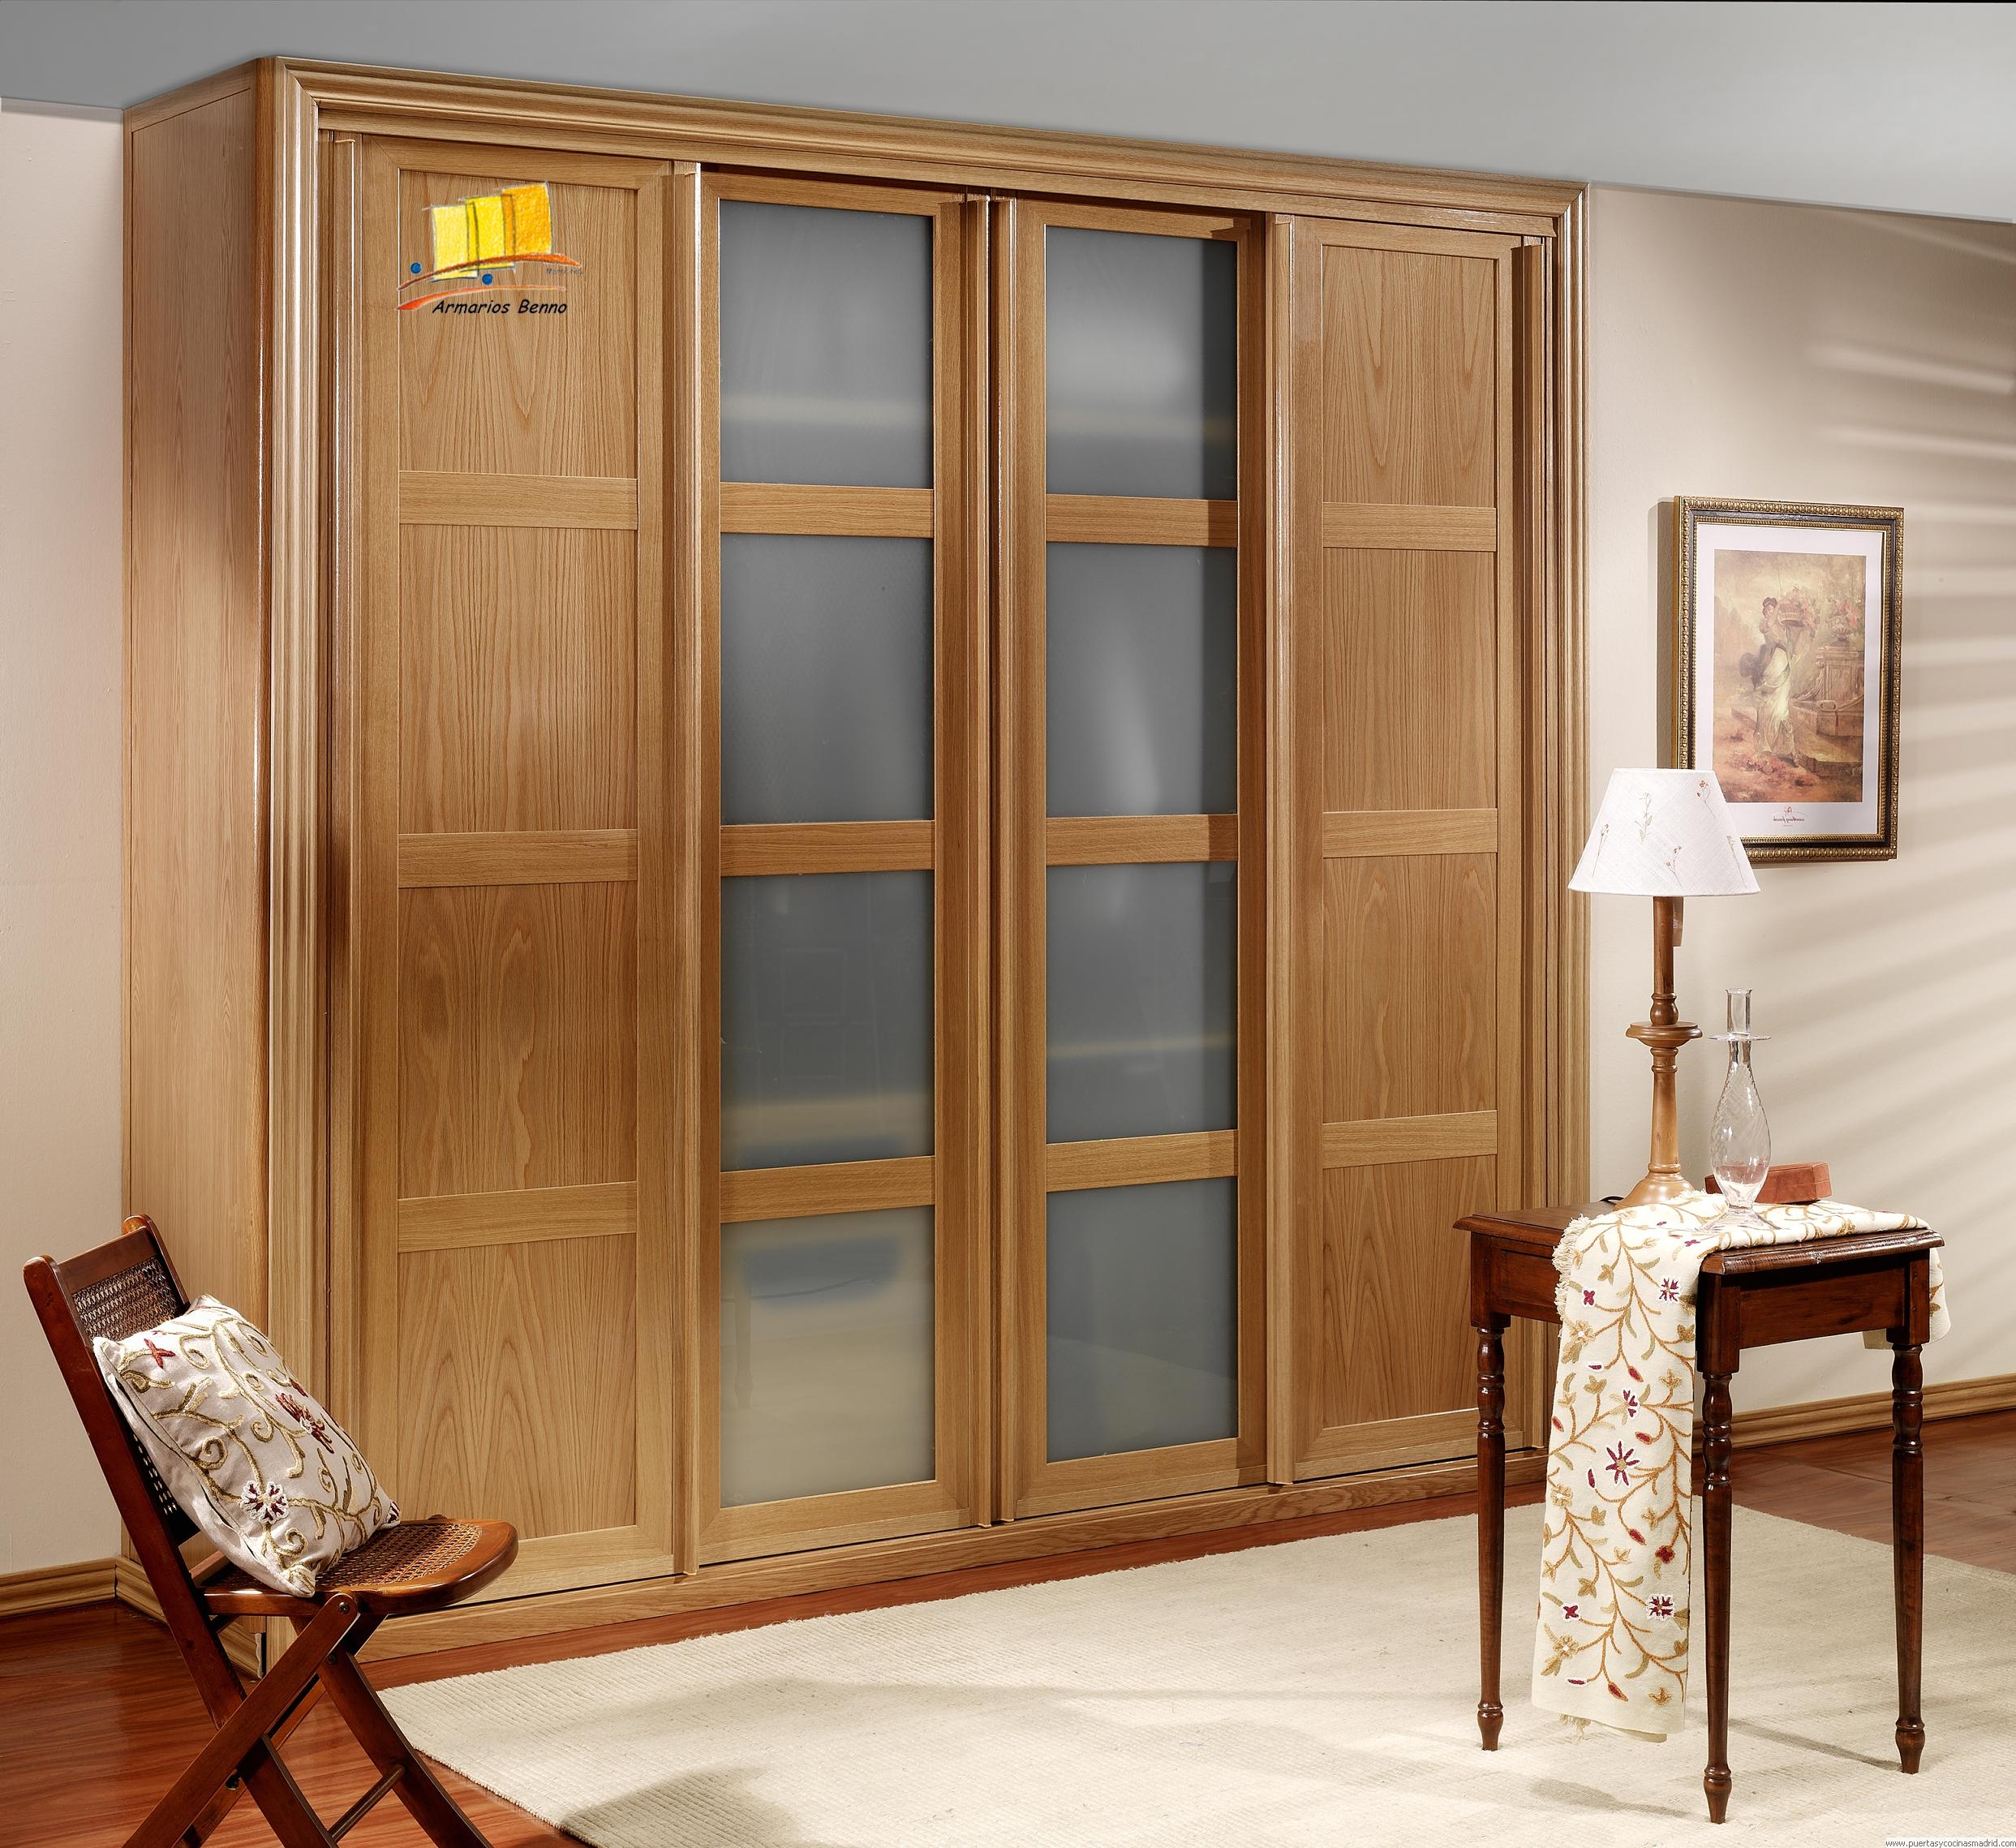 Comprar armarios baratos madrid exposici n armarios modernos - Precio puertas correderas armario ...